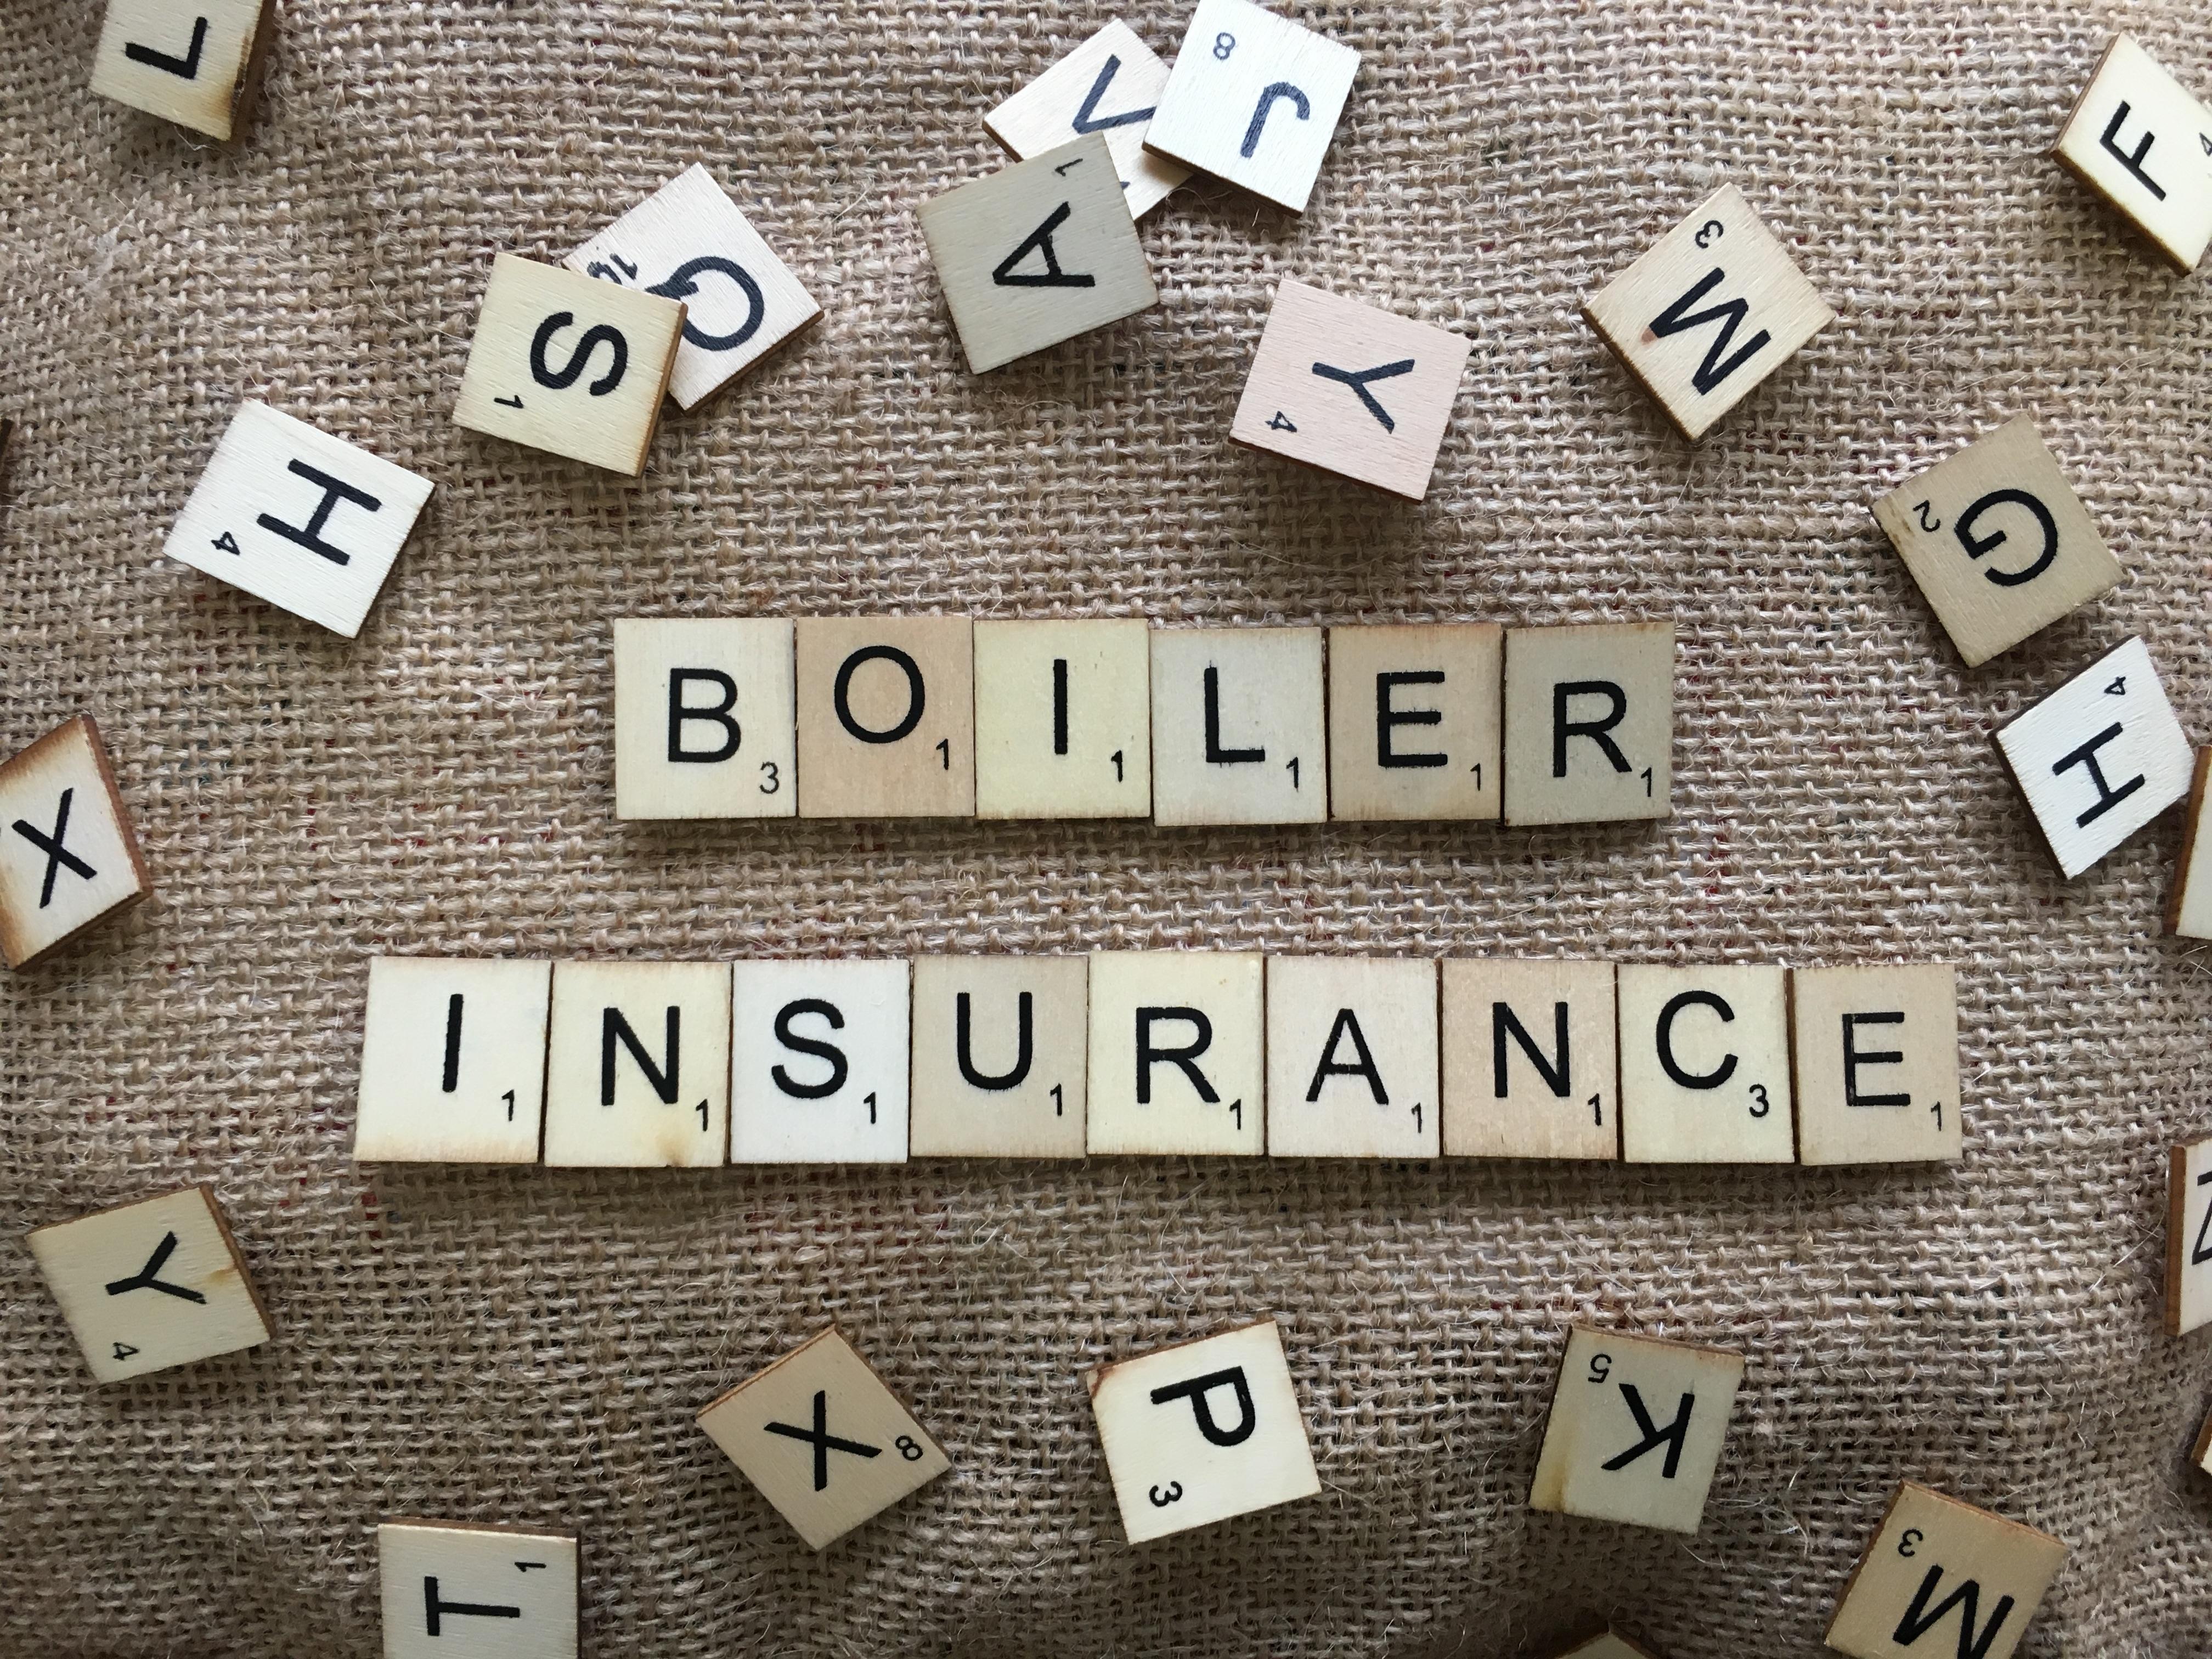 Boiler Breakdown Insurance